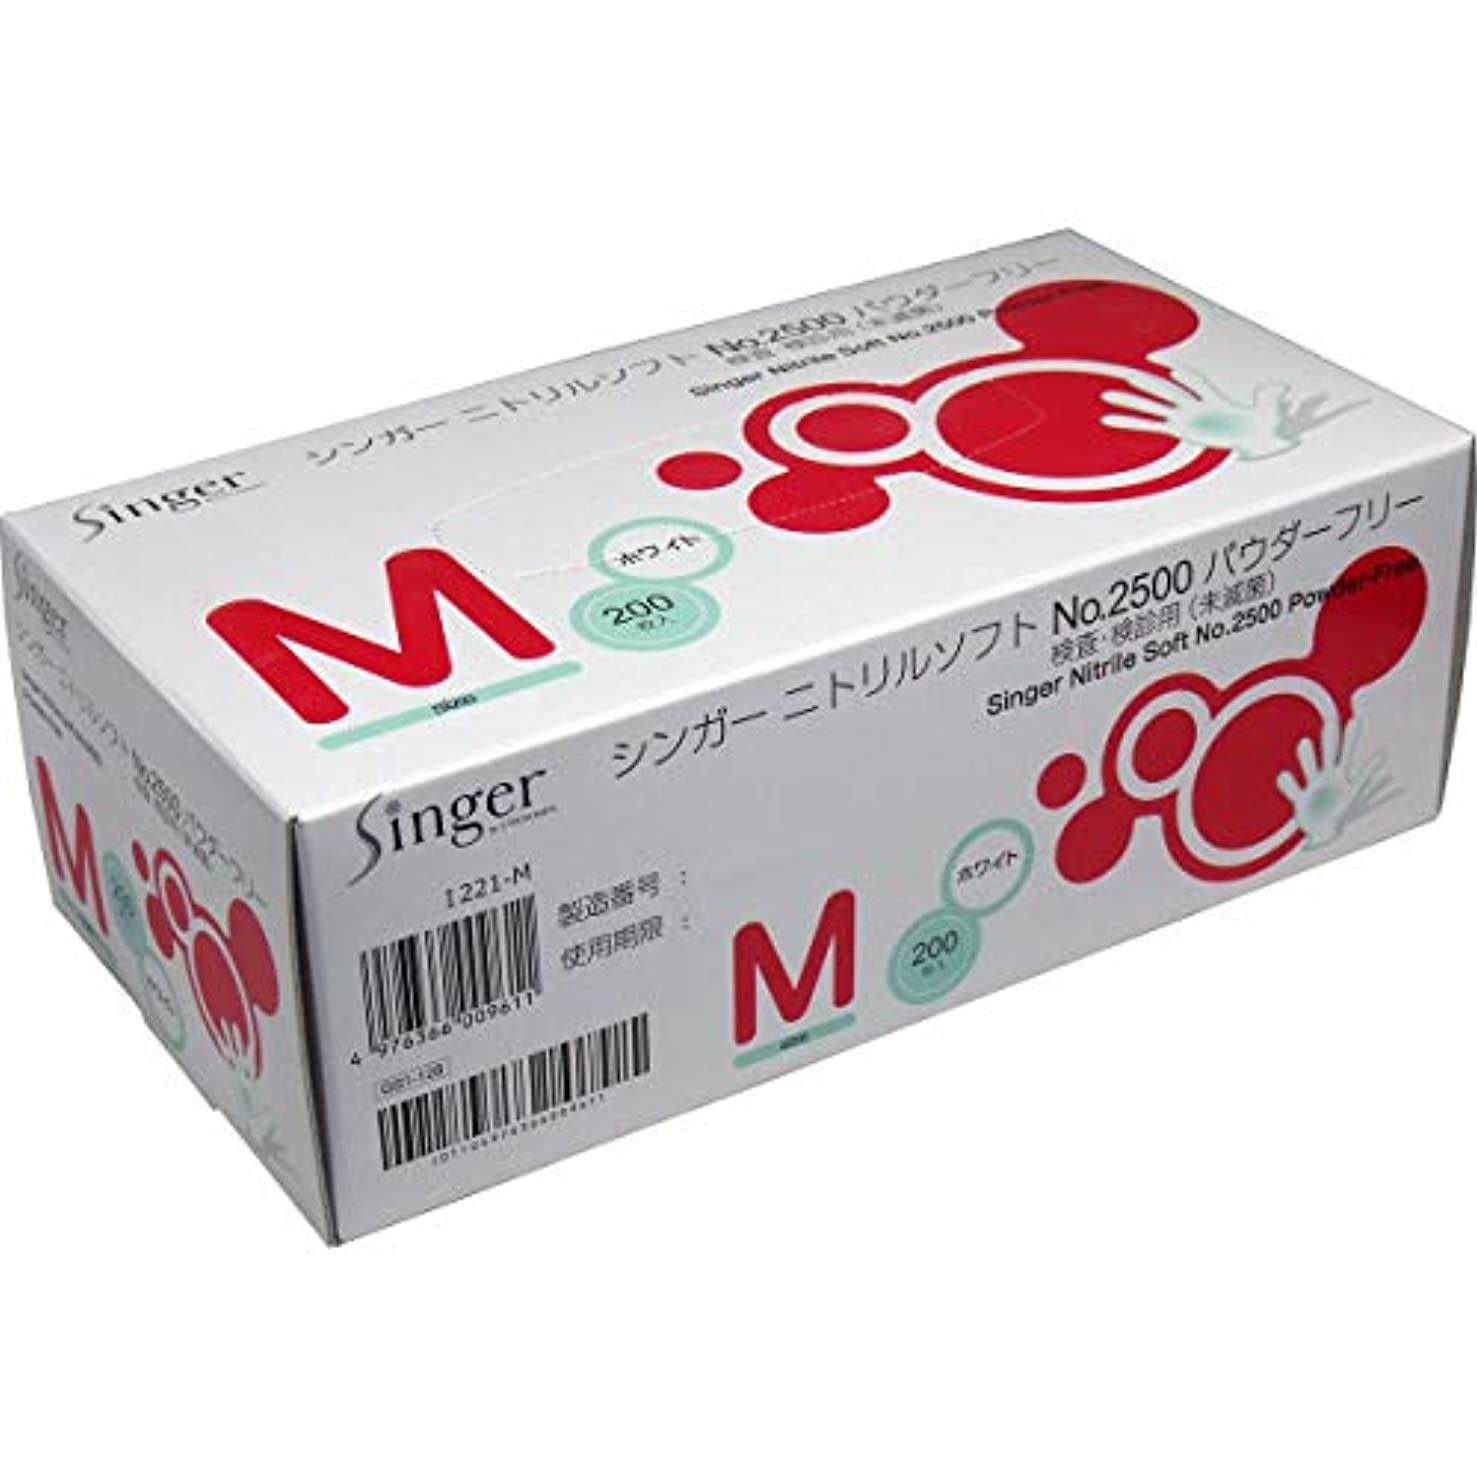 ブラウザひいきにする望むシンガーニトリルソフト No.2500 パウダーフリー ホワイト Mサイズ 200枚入×5個セット(管理番号 4976366009611)